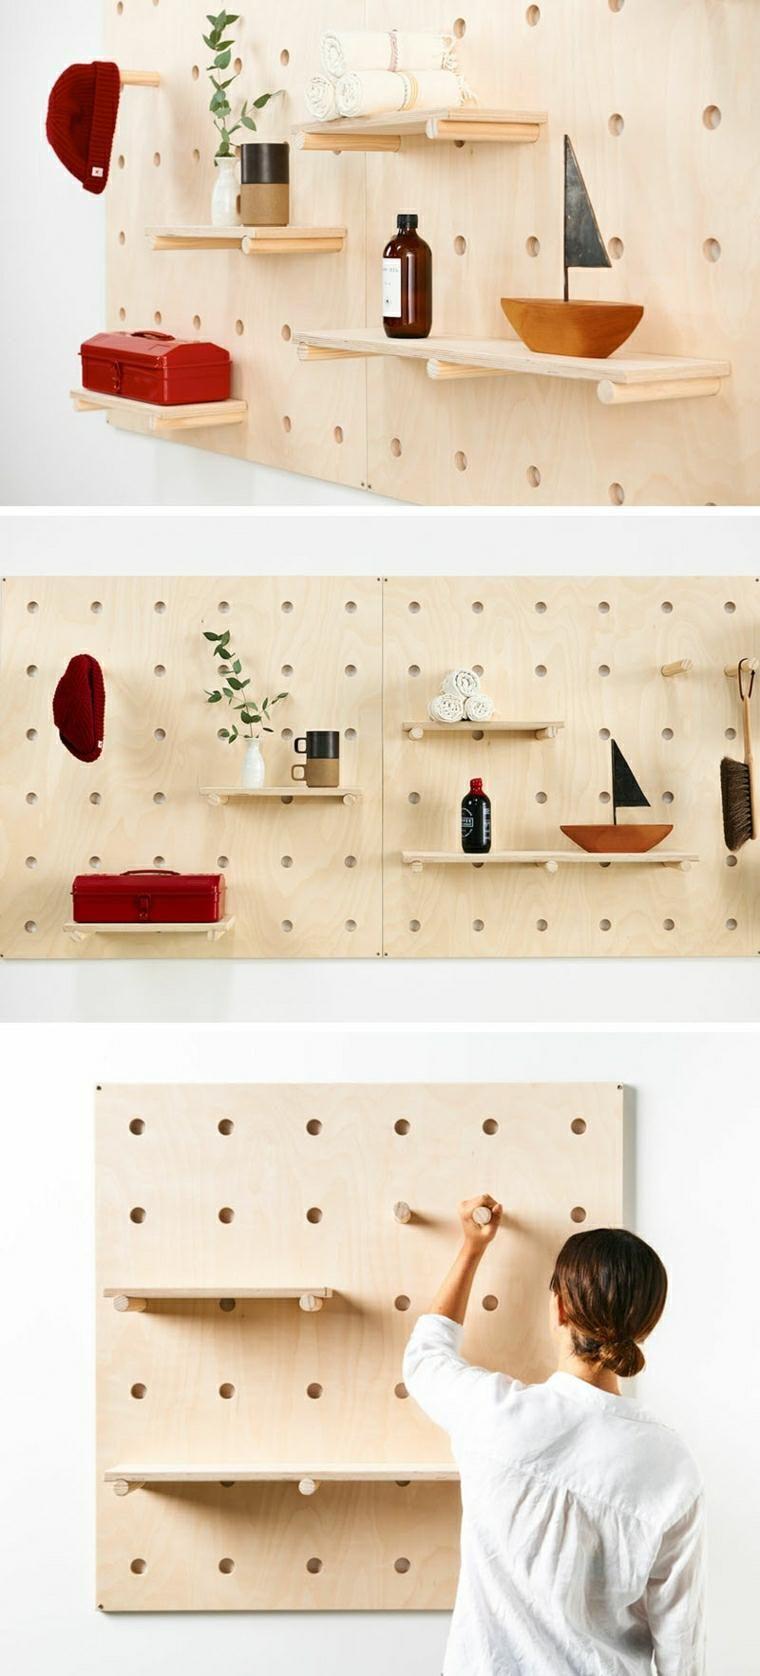 des id es d co partir d 39 un panneau isorel perfor display ideas. Black Bedroom Furniture Sets. Home Design Ideas